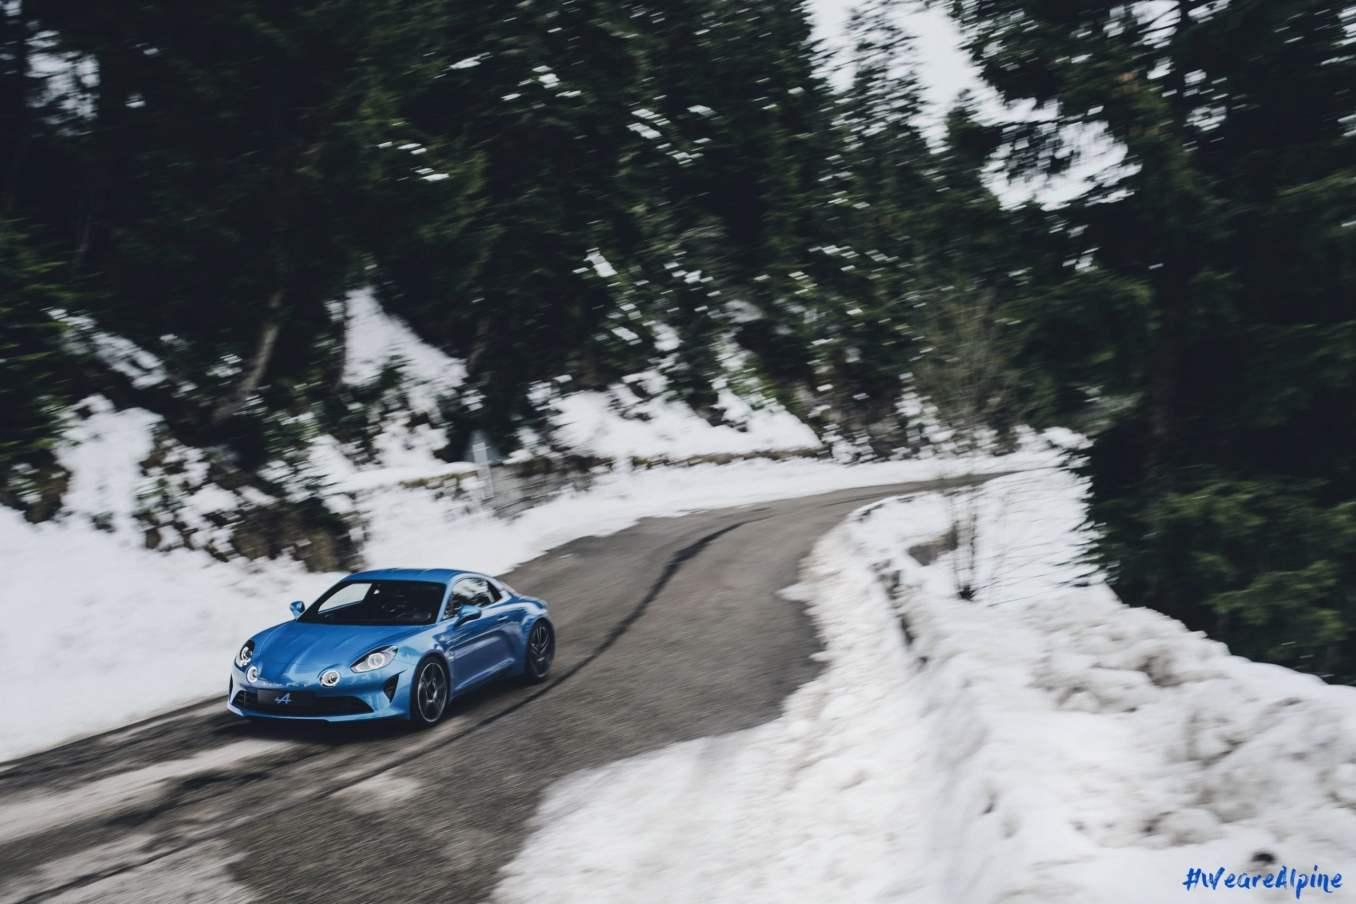 Genève 2017 Alpine A110 Premiere edition officielle 21 imp scaled | Salon de Genève 2017, toutes les informations officielles de l'Alpine A110 !